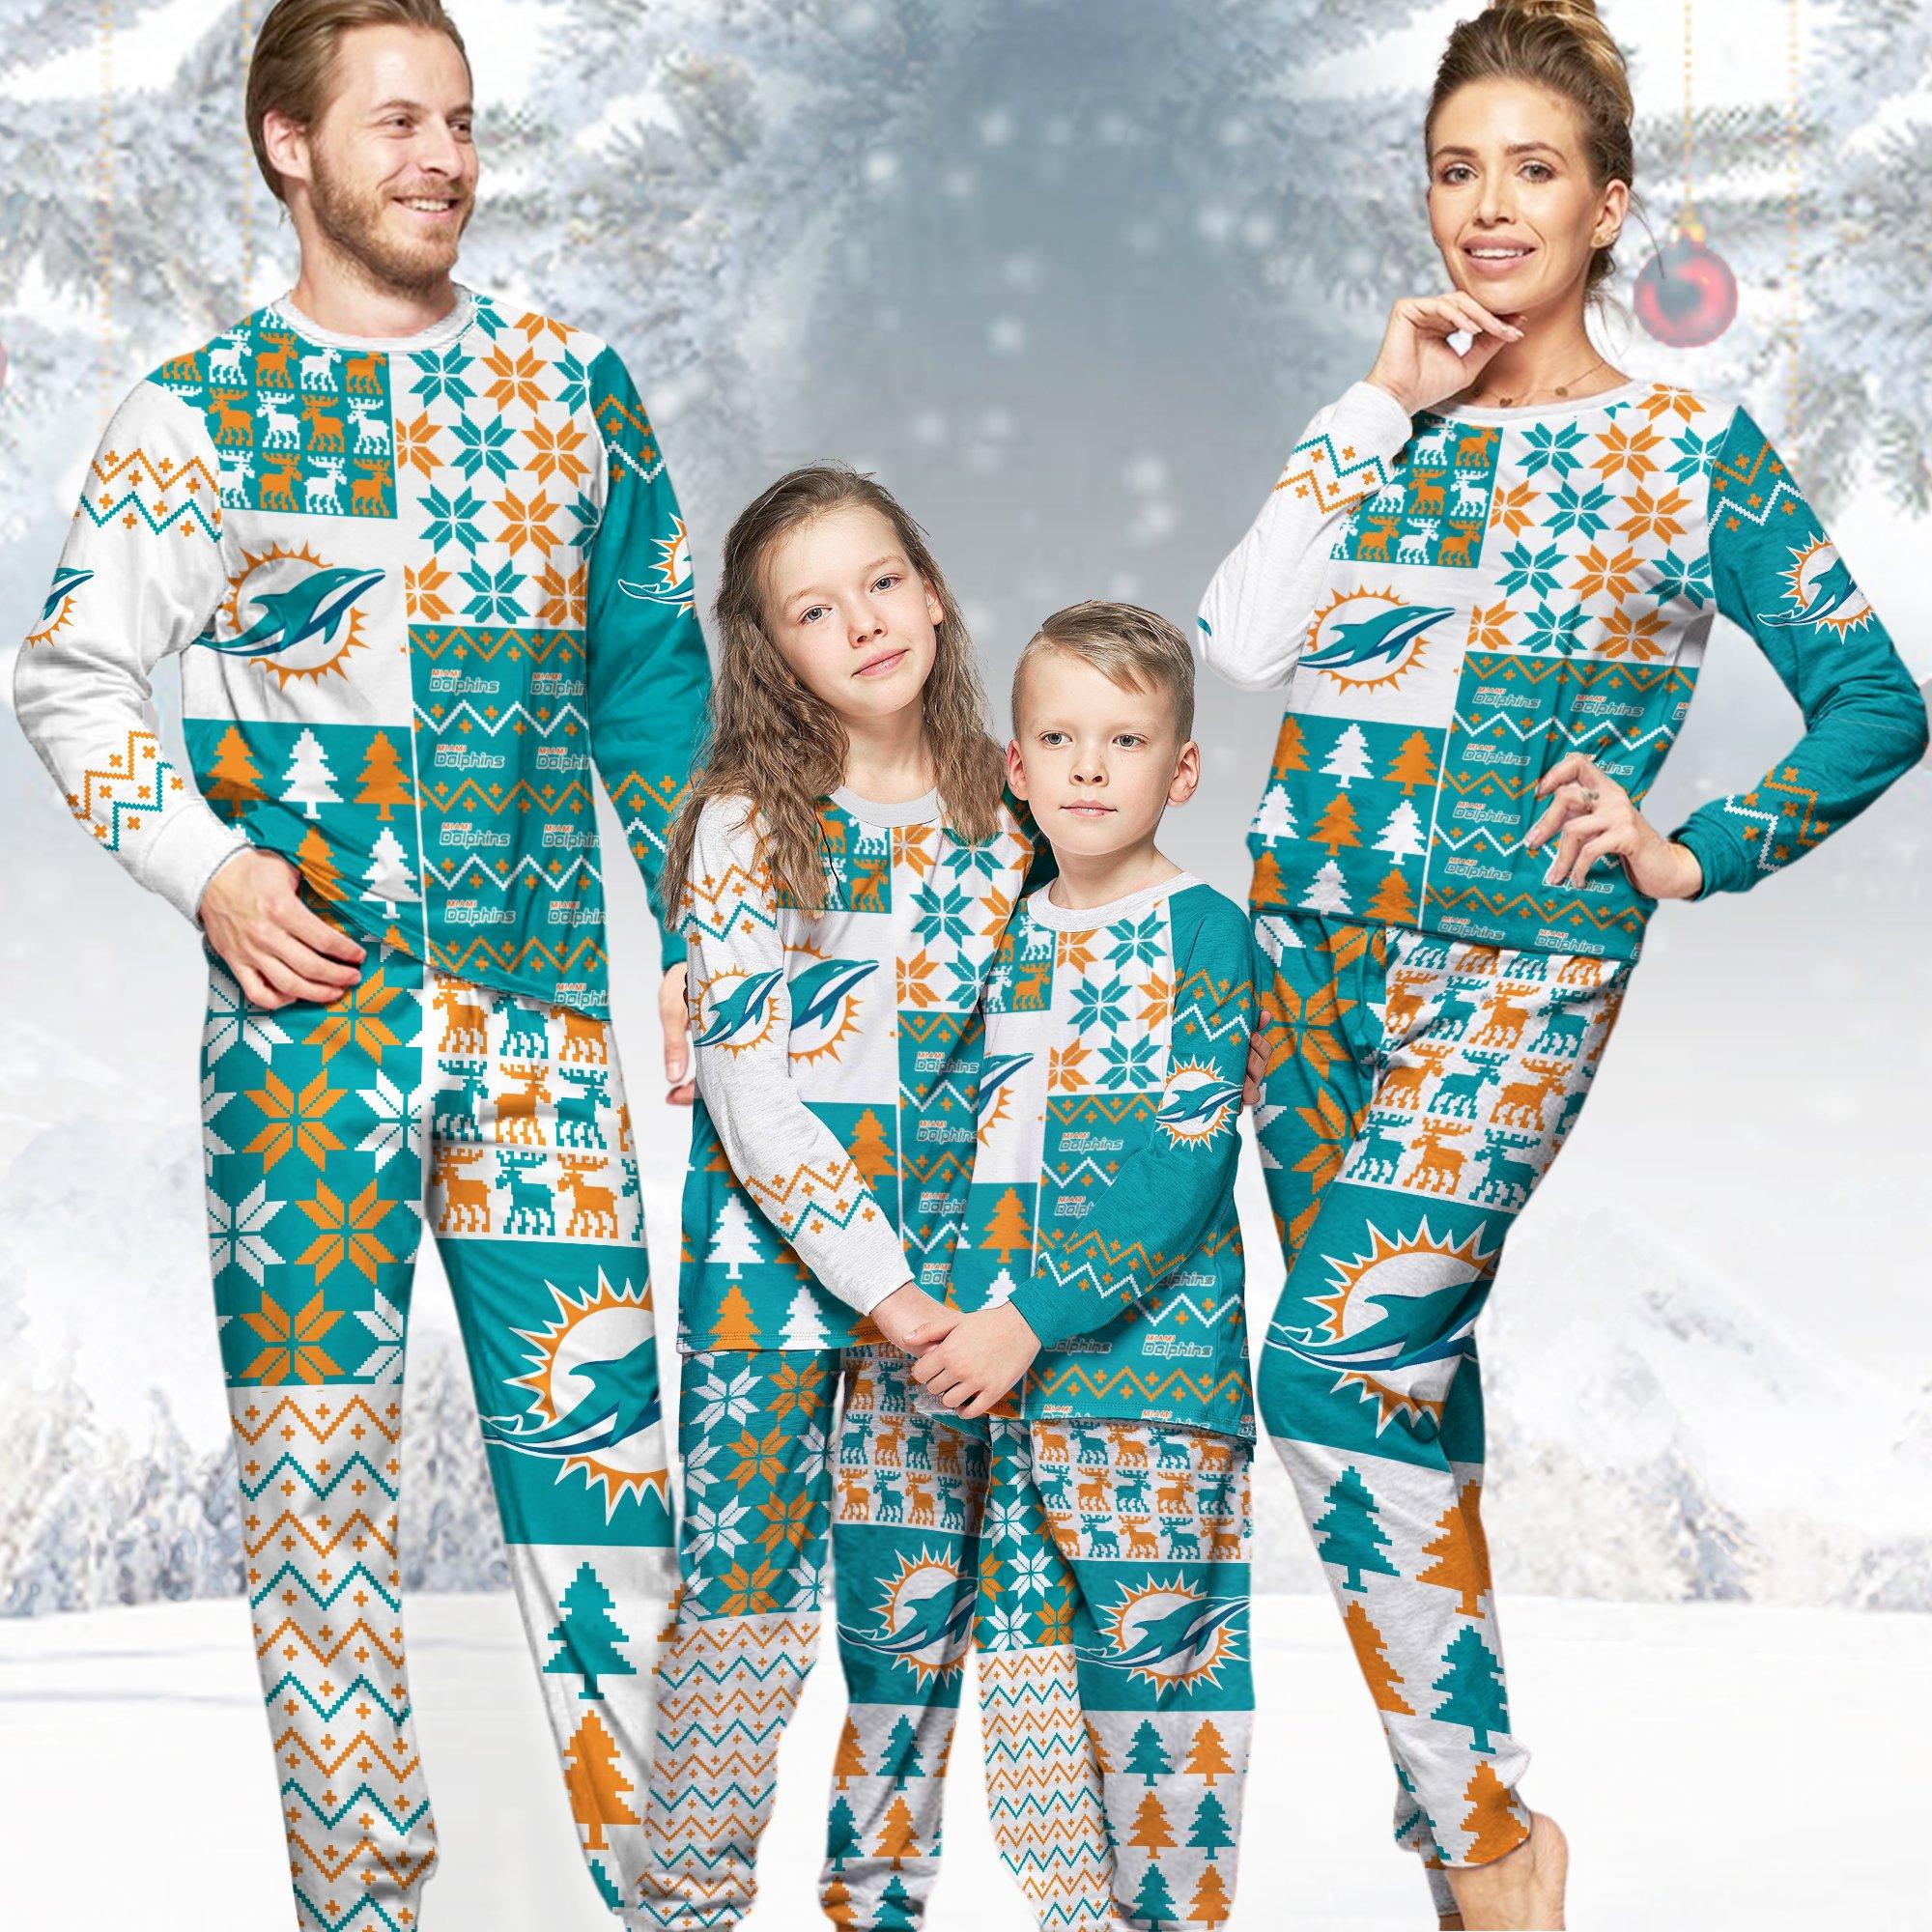 Miami Dolphins NFL Family Holiday Pajamas